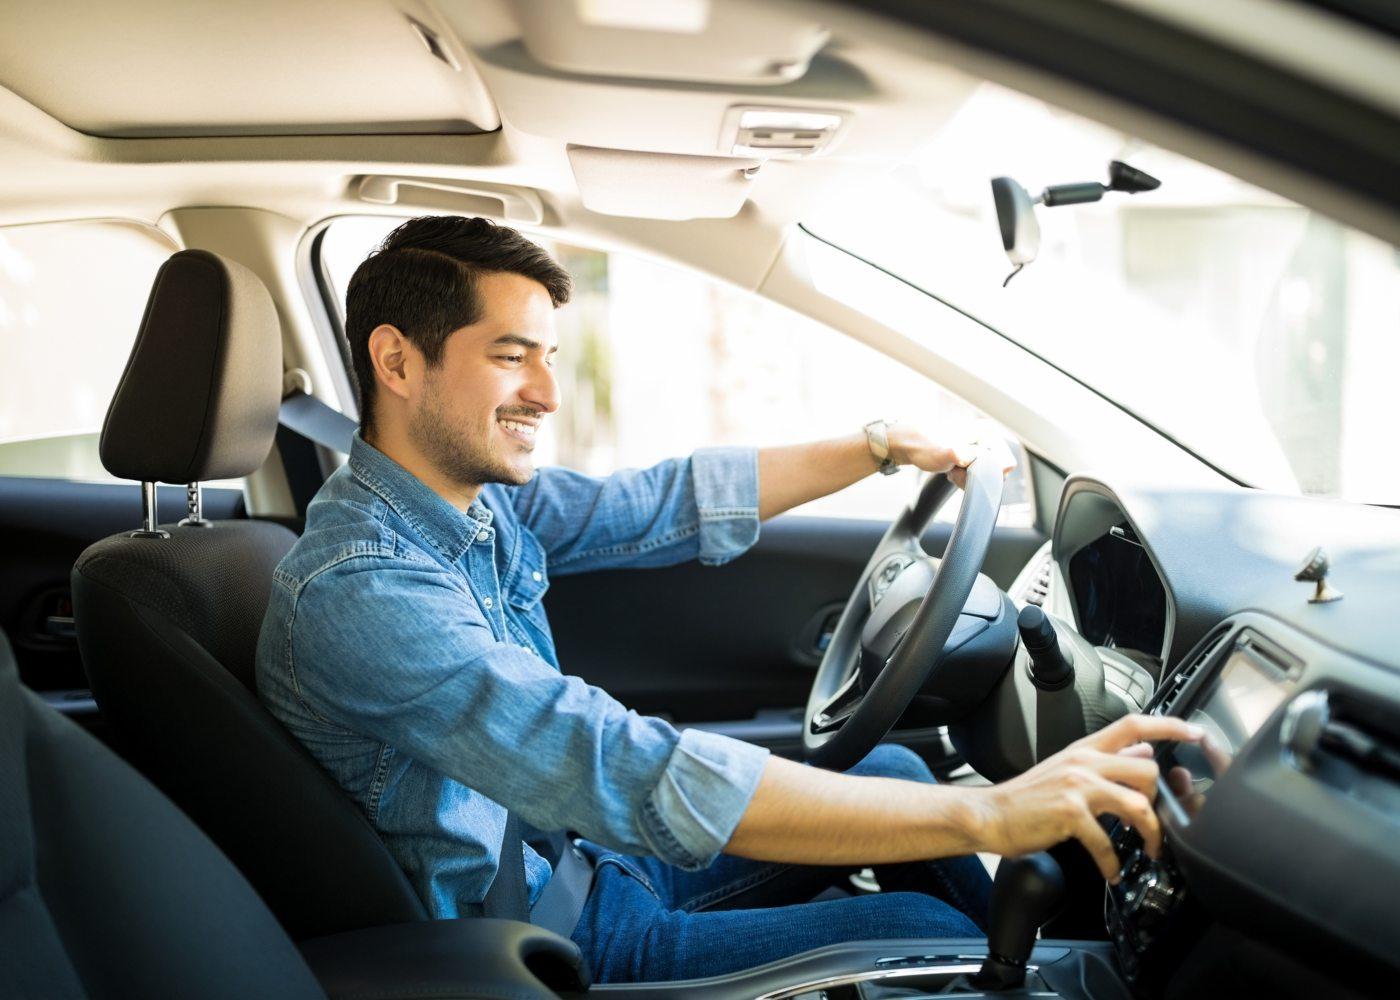 homem com camisa a conduzir um automóvel